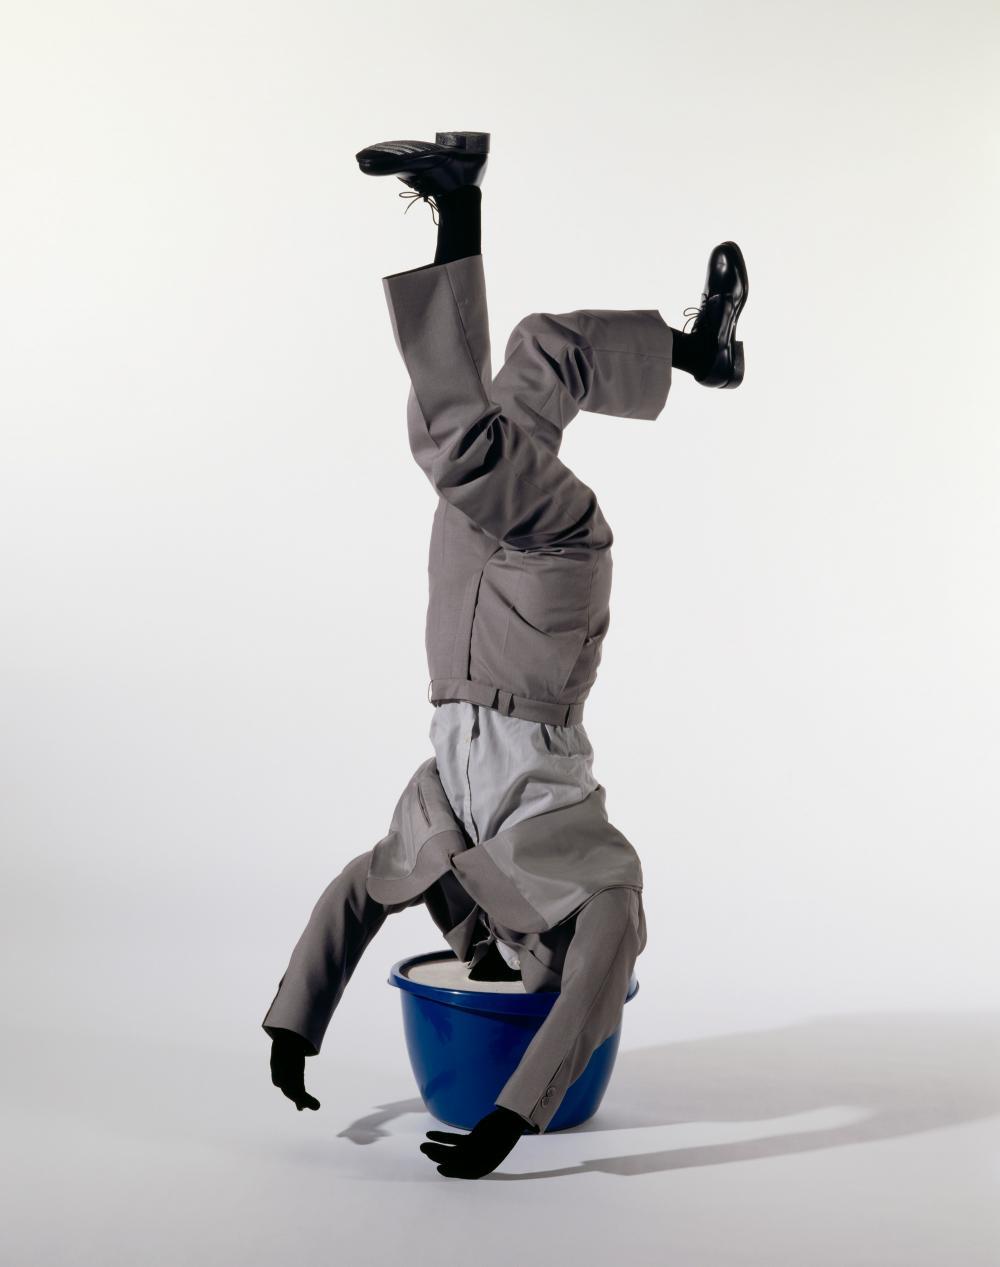 Le mannequin, 1985© Alain Sechas© Centre Pompidou, MNAM-CCI/Philippe Migeat/Dist. RMN-GP© Adagp, Paris © SABAM Belgium 2018.